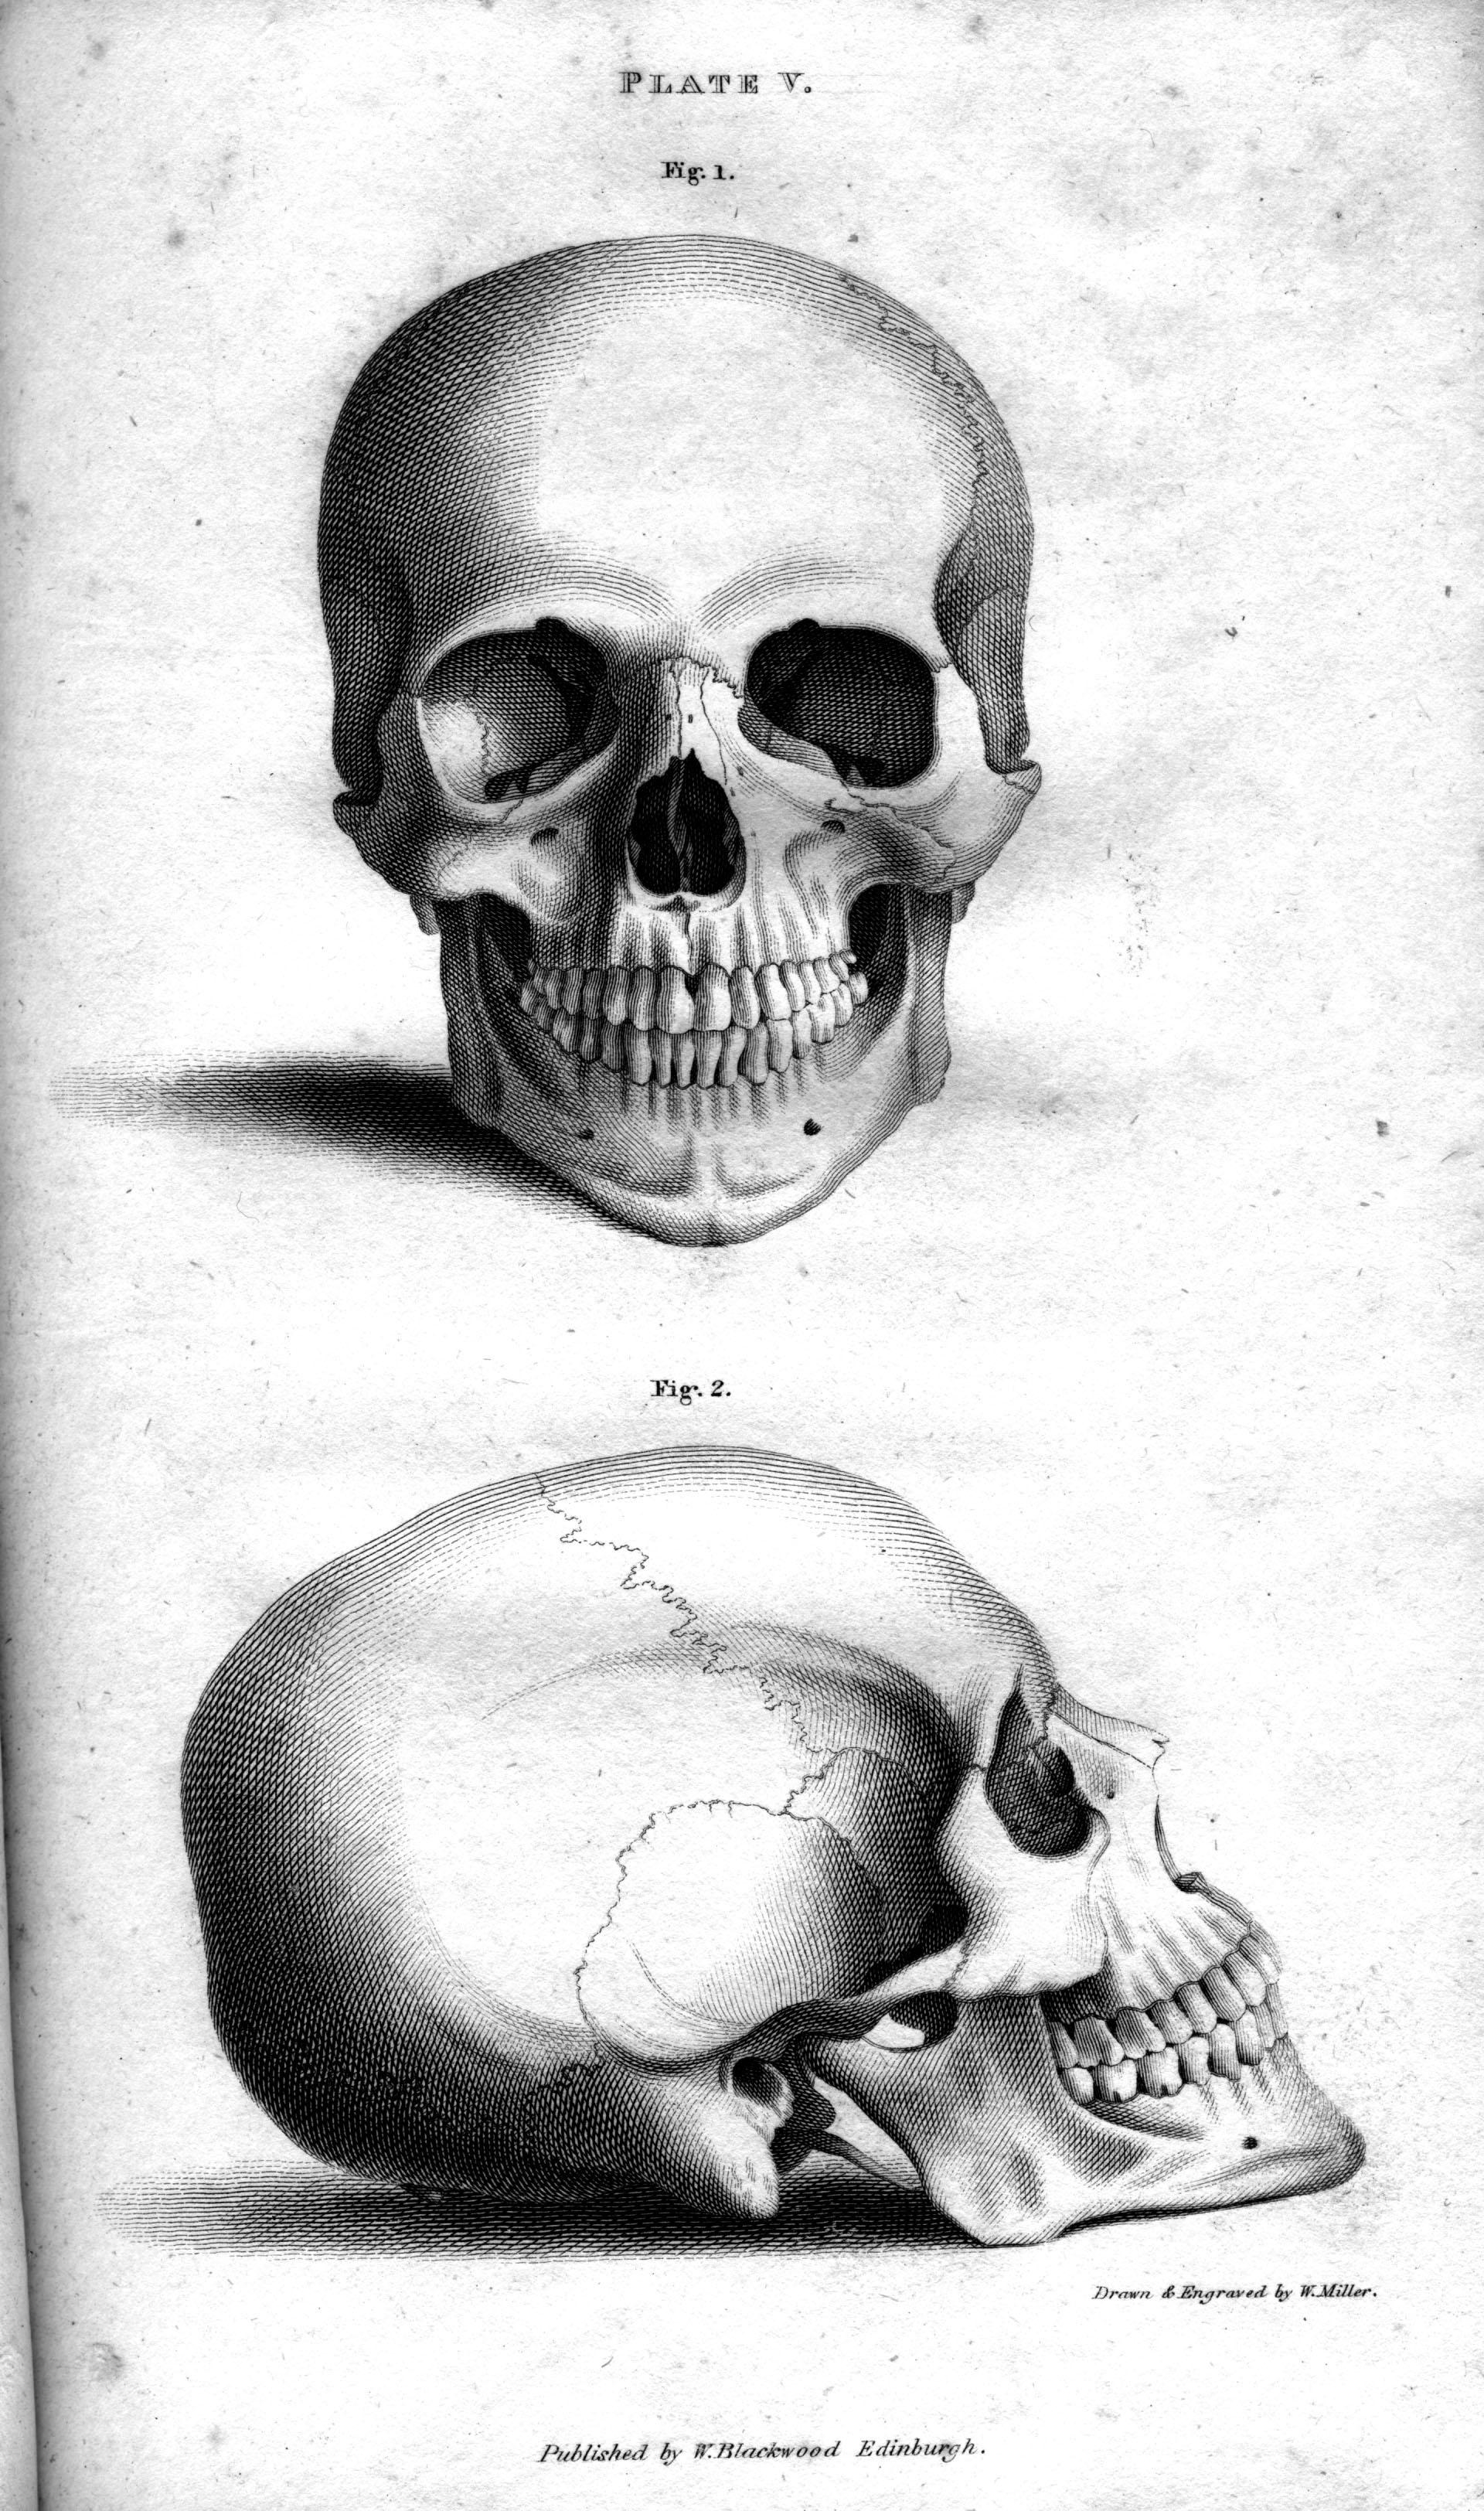 Drawn skull female skull Illustrations Meditations Bone Illustrations XVI: